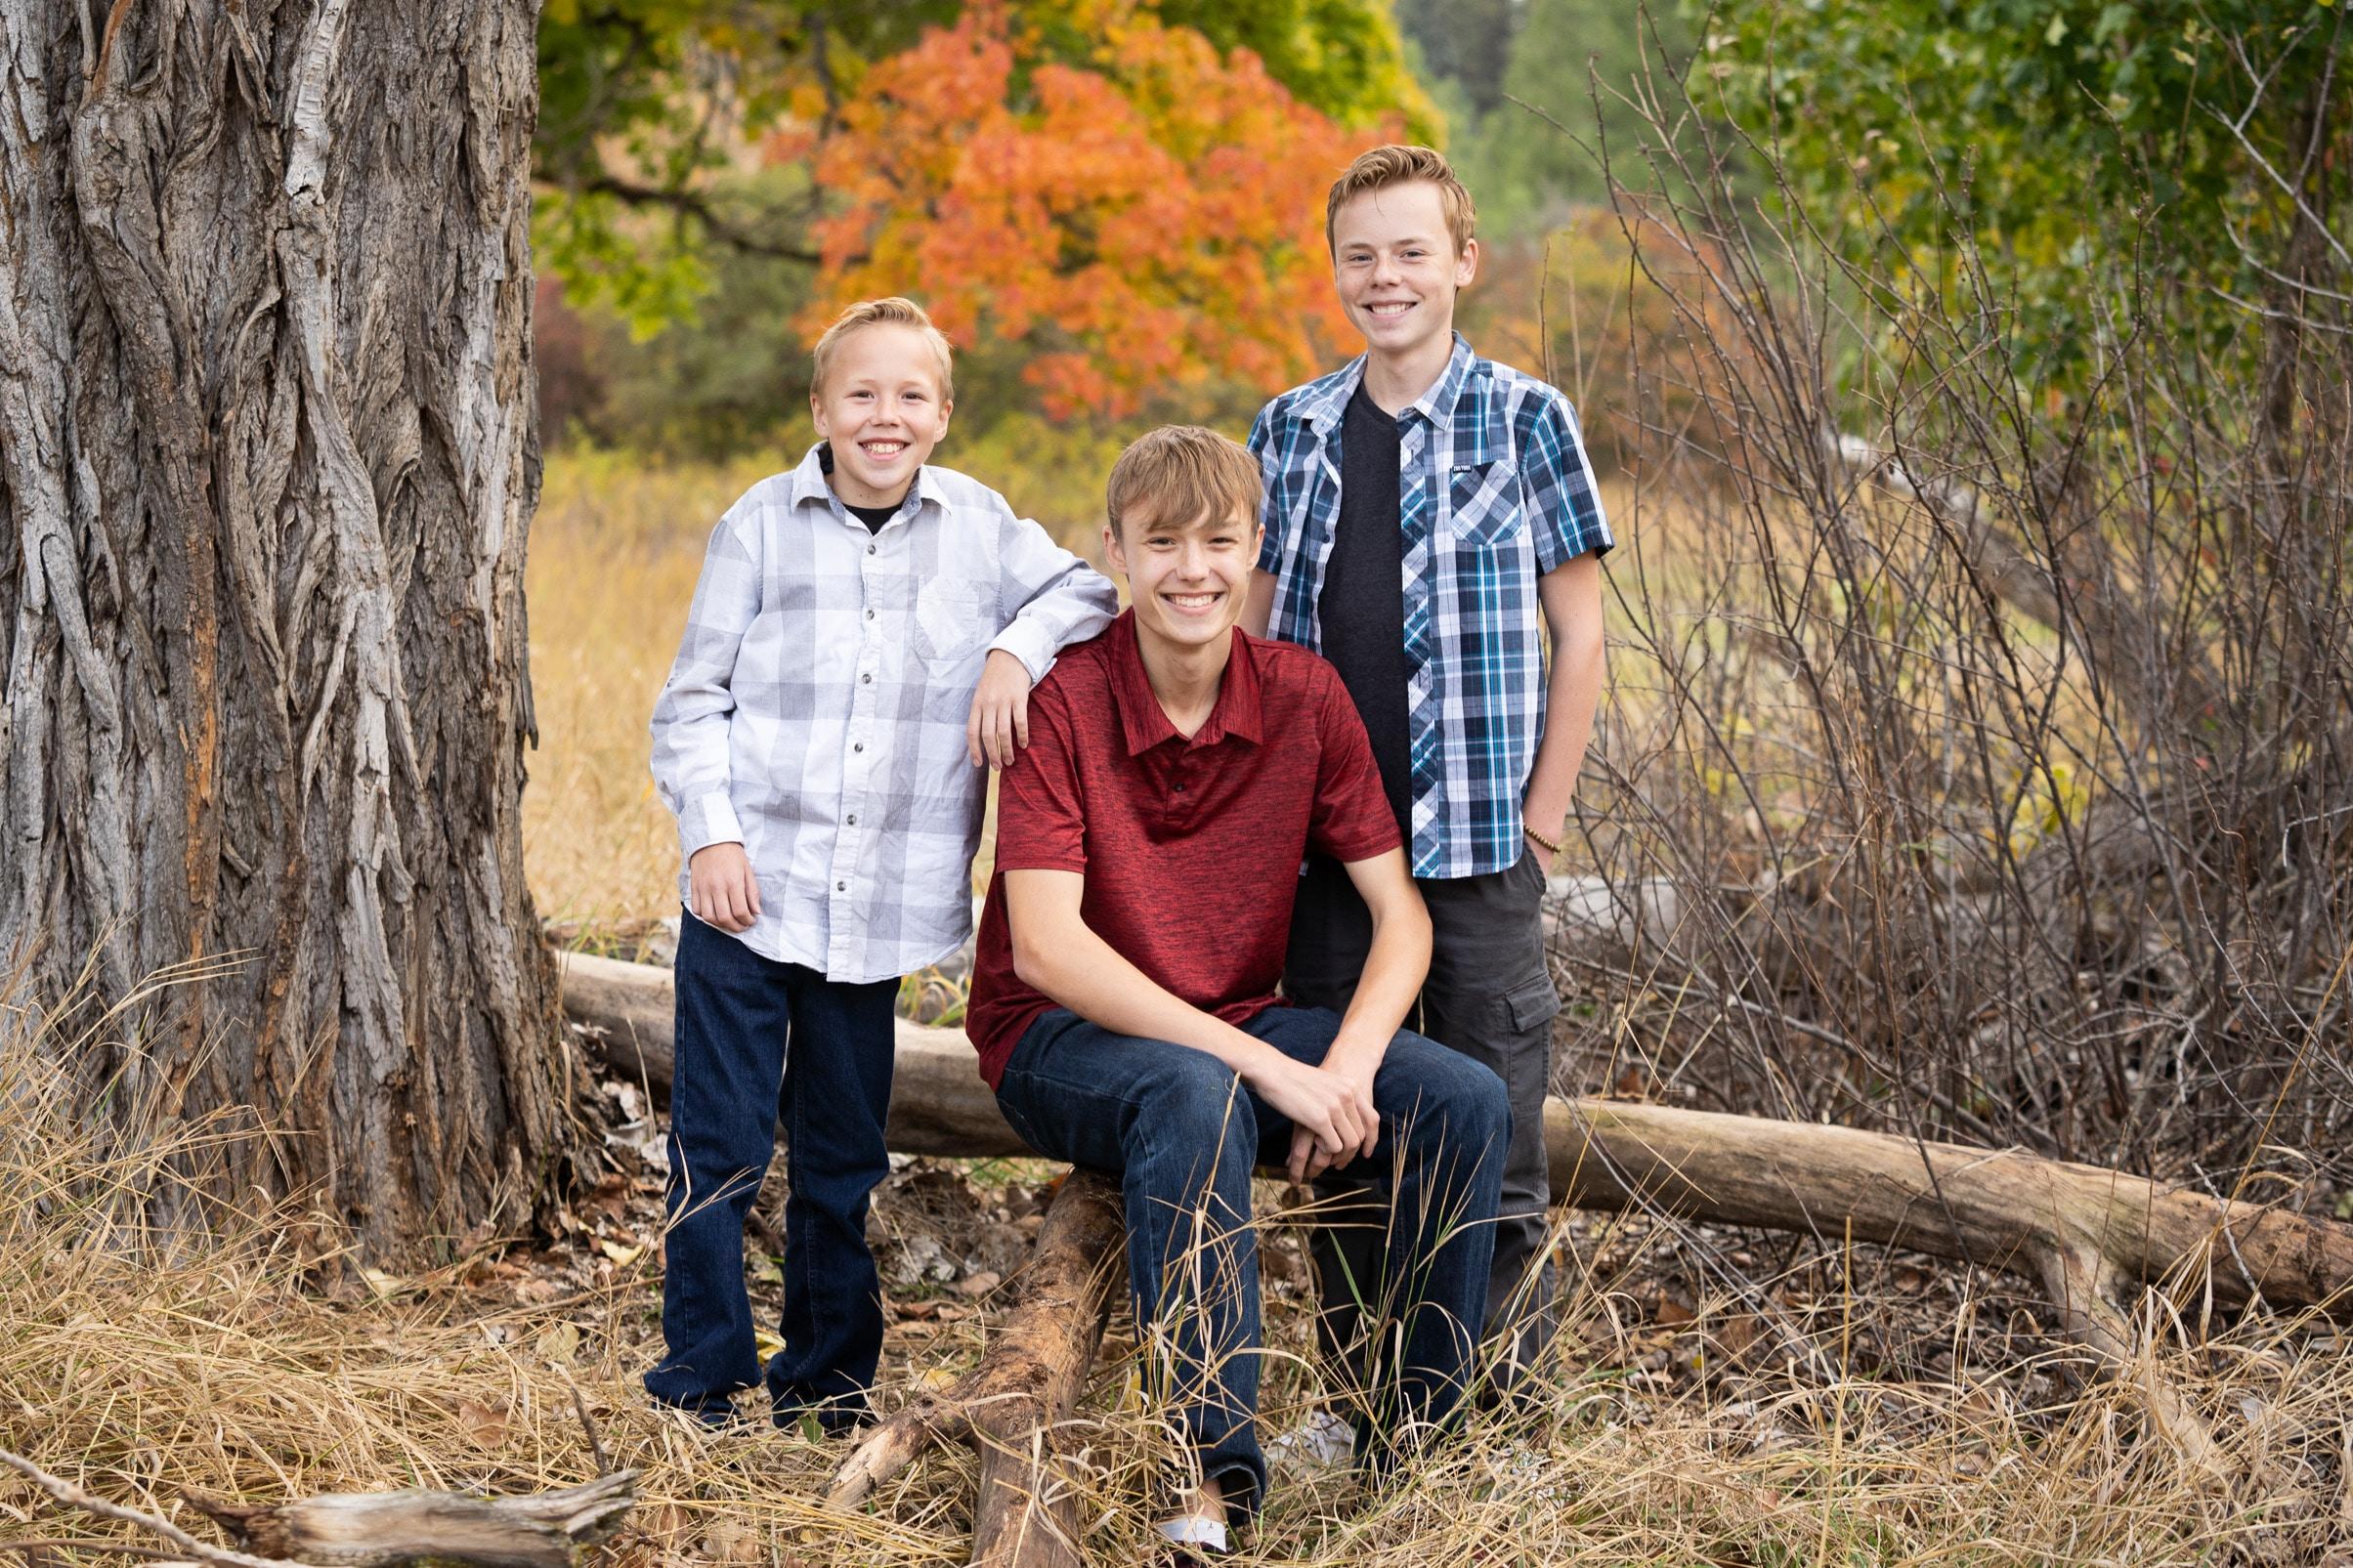 Spokane family photos session